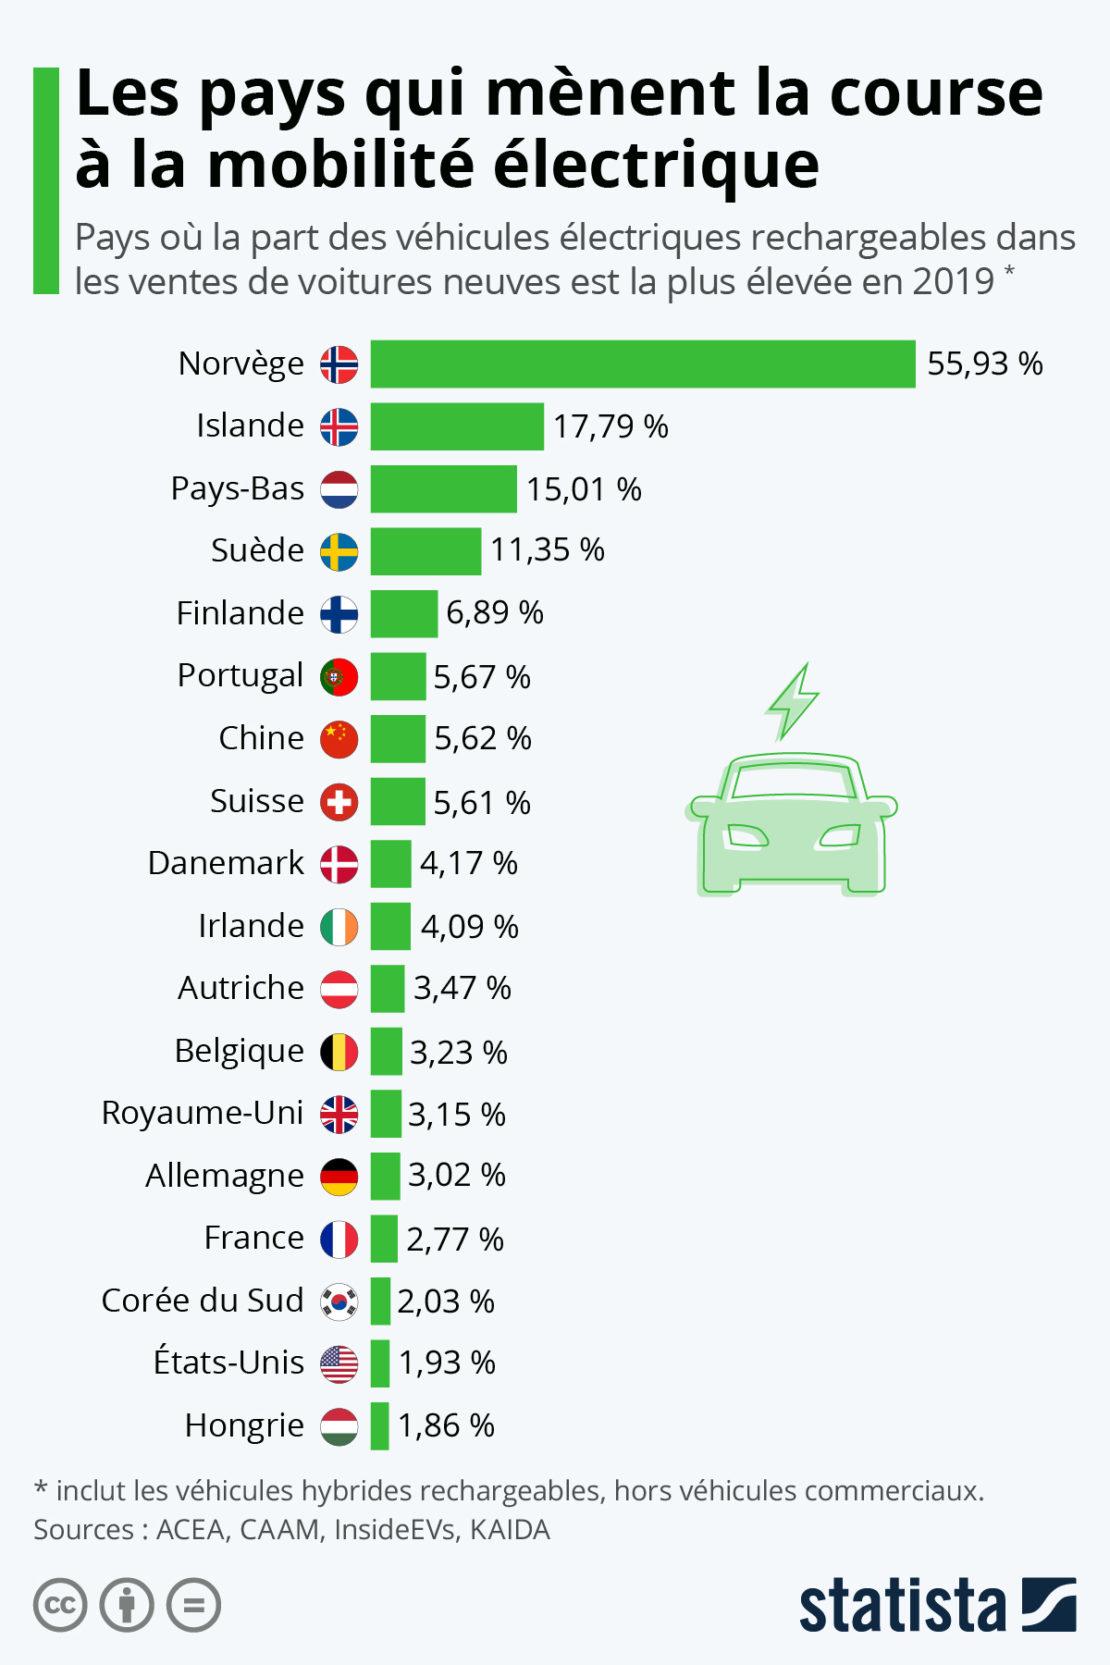 La Norvège fait la course en tête sur les véhicules électriques… Même cri ce n'est pas toujours la panacée !